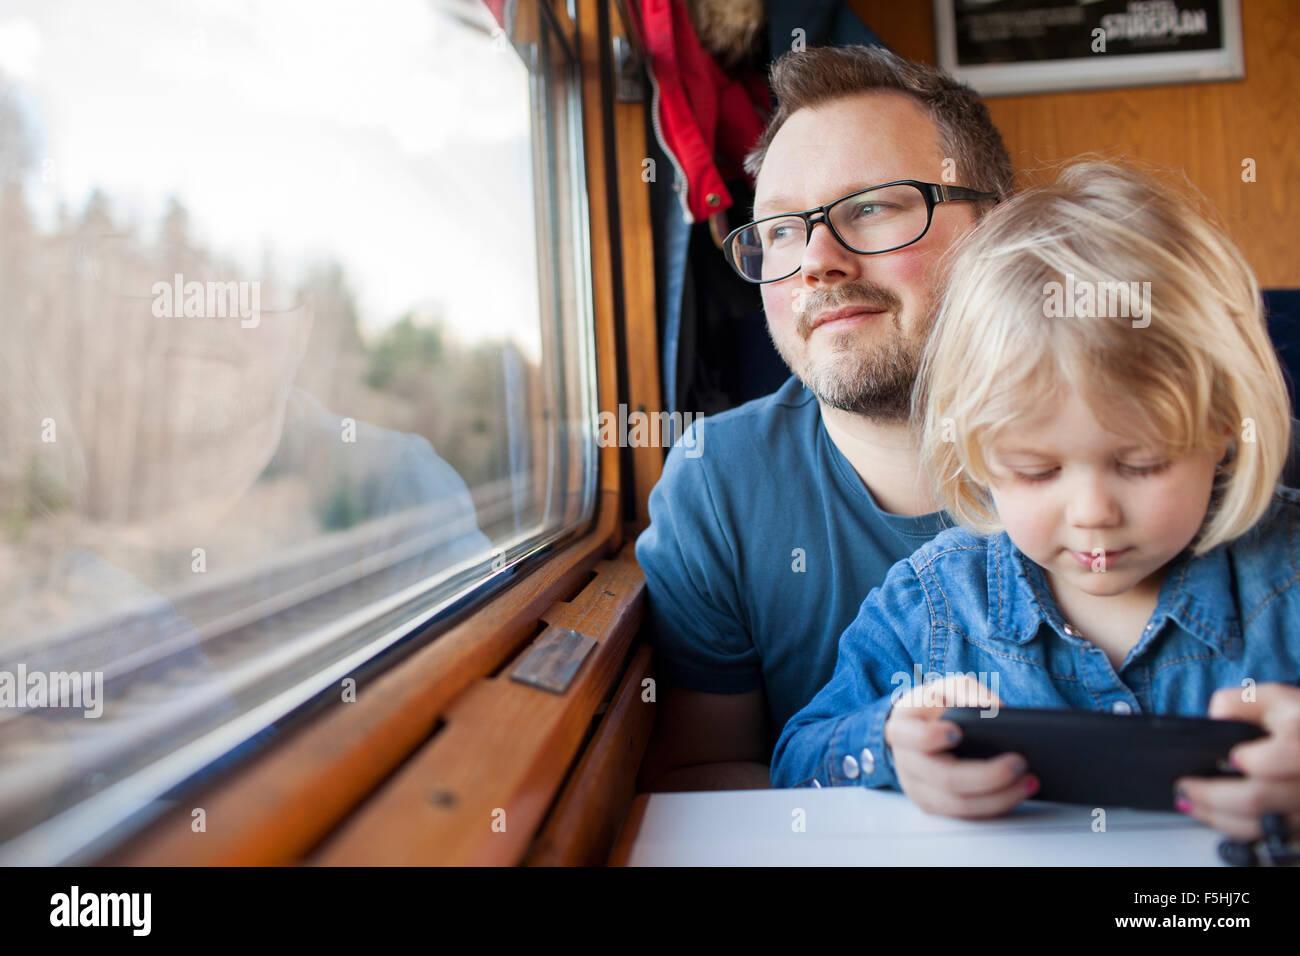 La Suède, père et fille (2-3) voyager en train Photo Stock